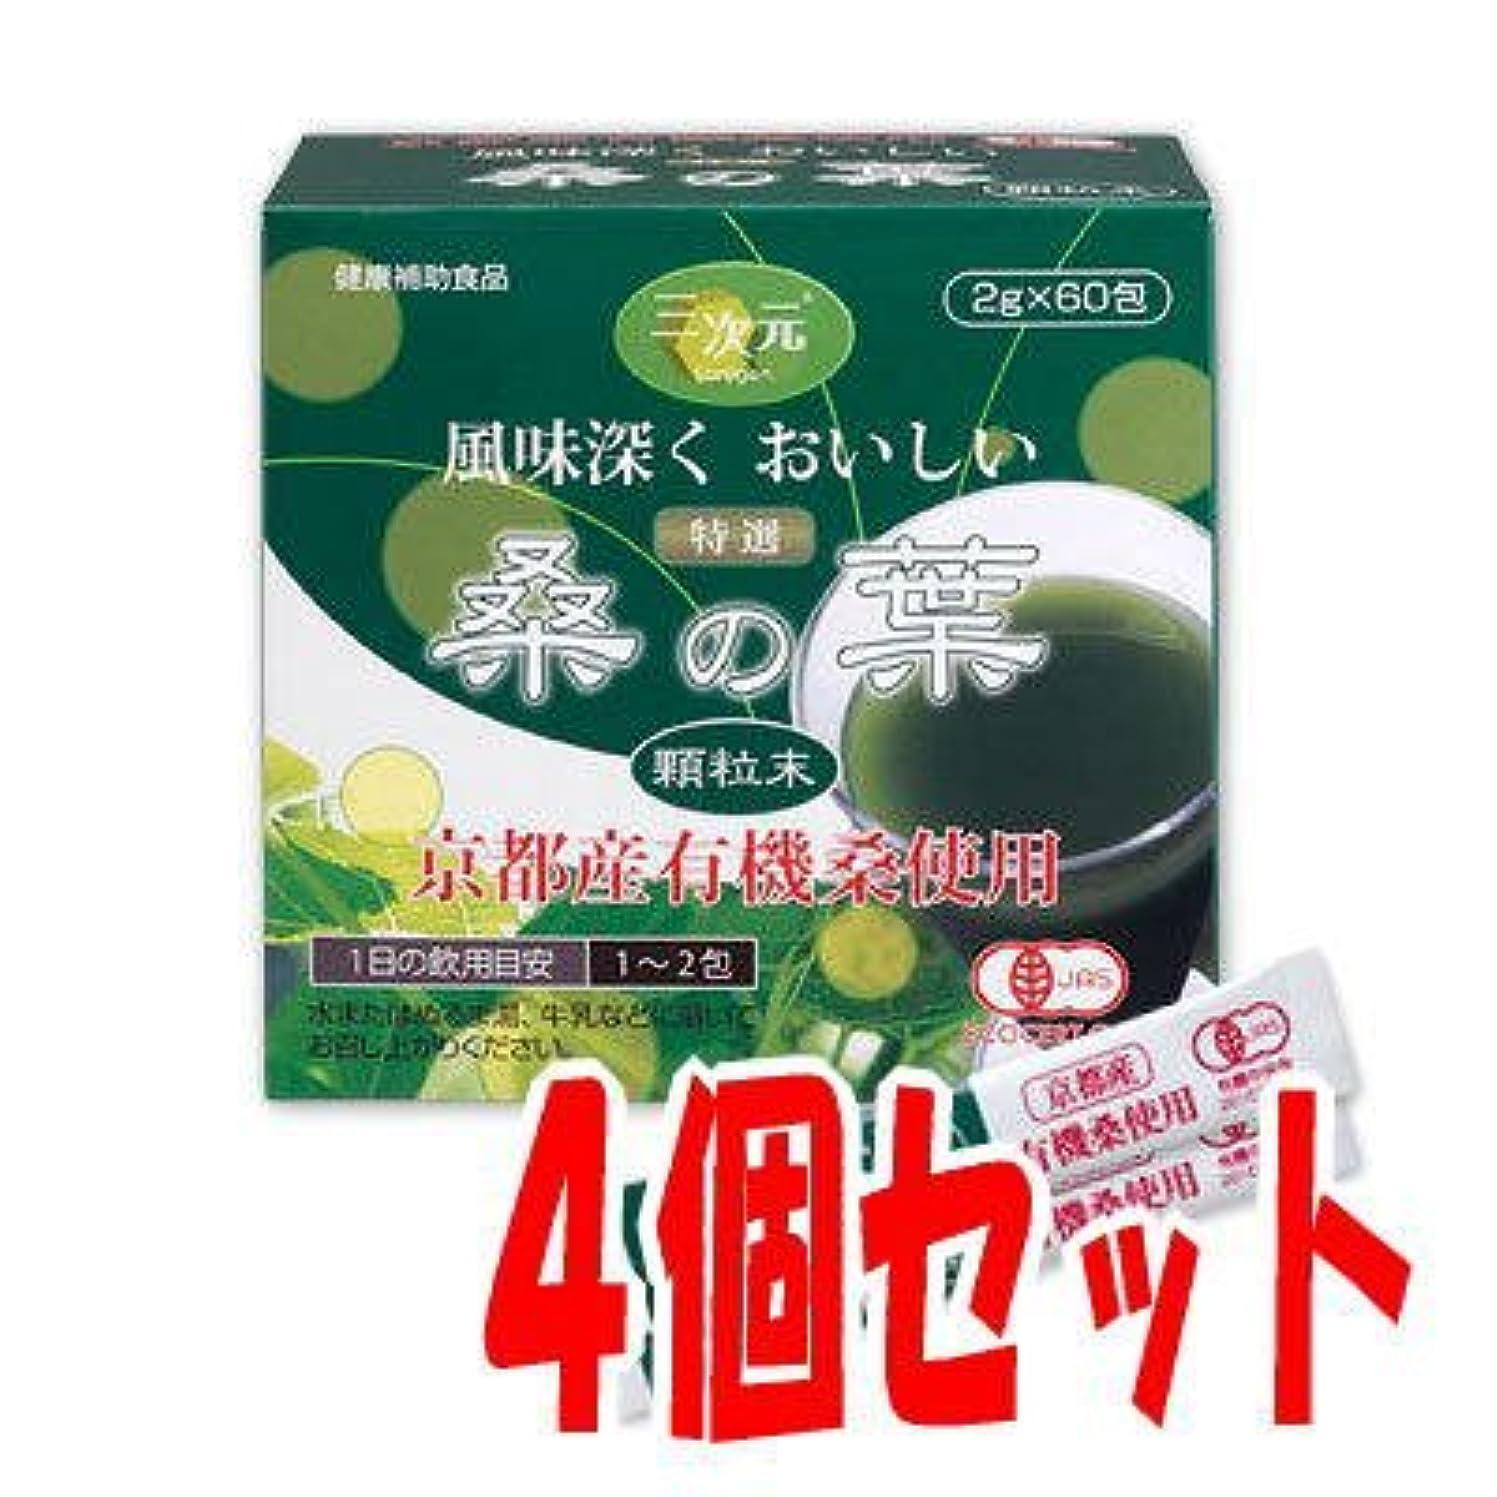 戻る花束お肉特選「桑の葉」顆粒末1箱60包入×4箱セット 国産(京都産)有機桑使用 苦くなく風味深くおいしい青汁